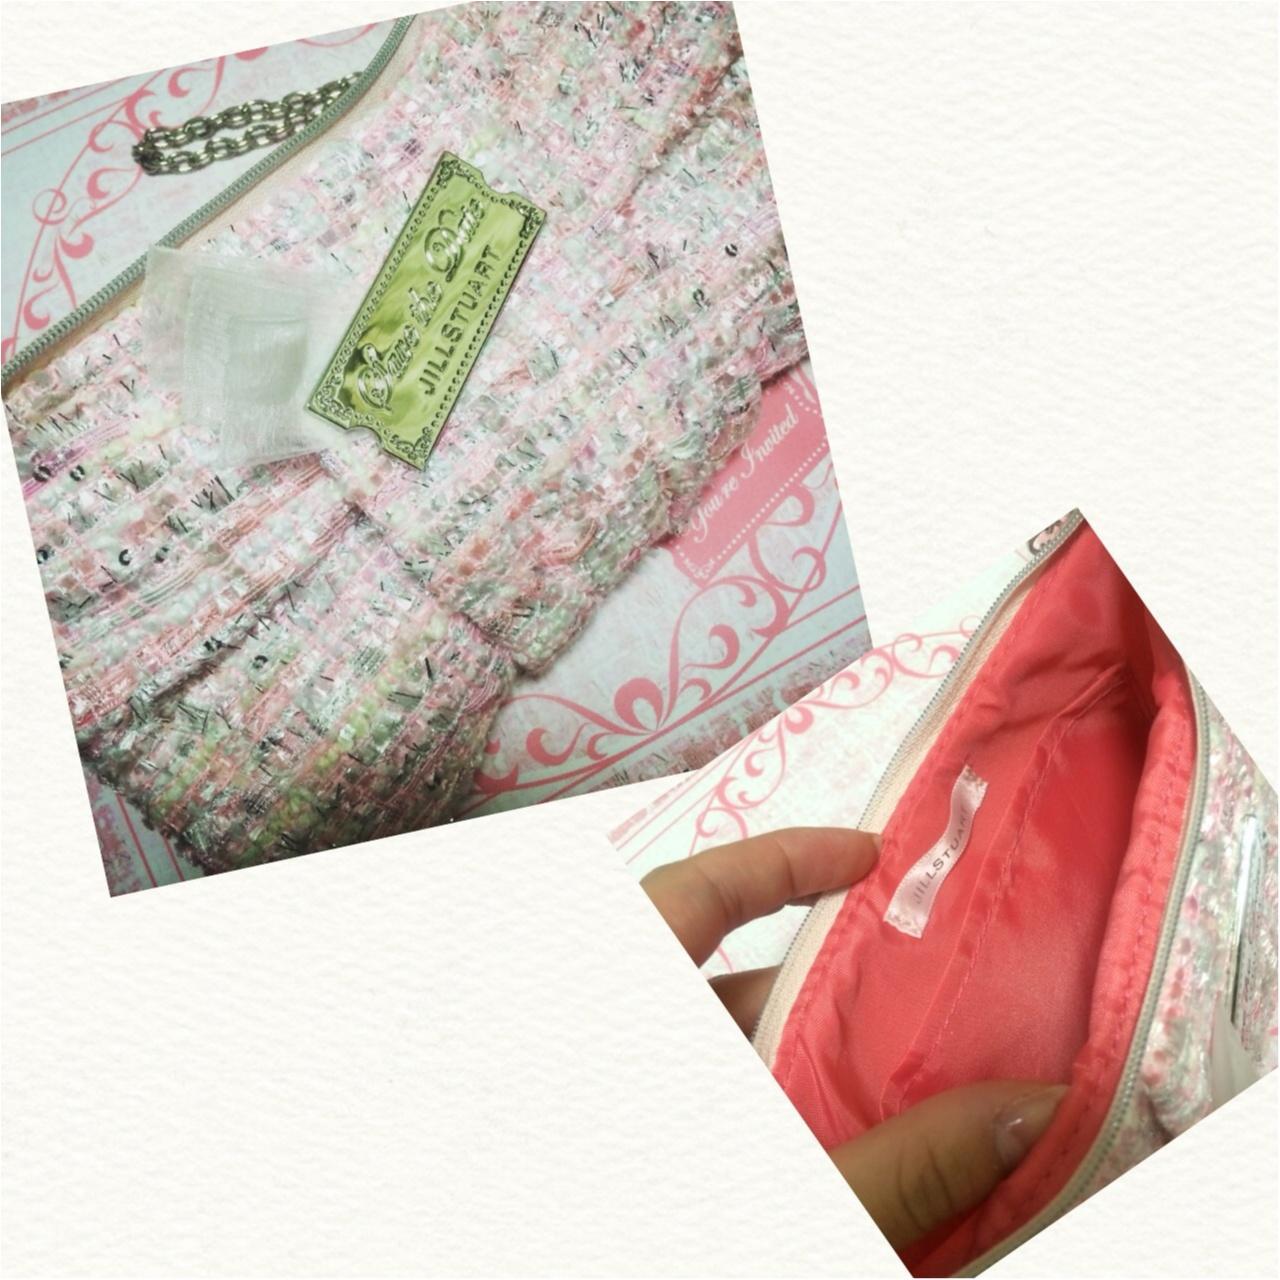 11/4発売♡女の子の大好きが詰まってる!JILL STUARTの2016クリスマスコフレ♡Tweed Party Collection_3